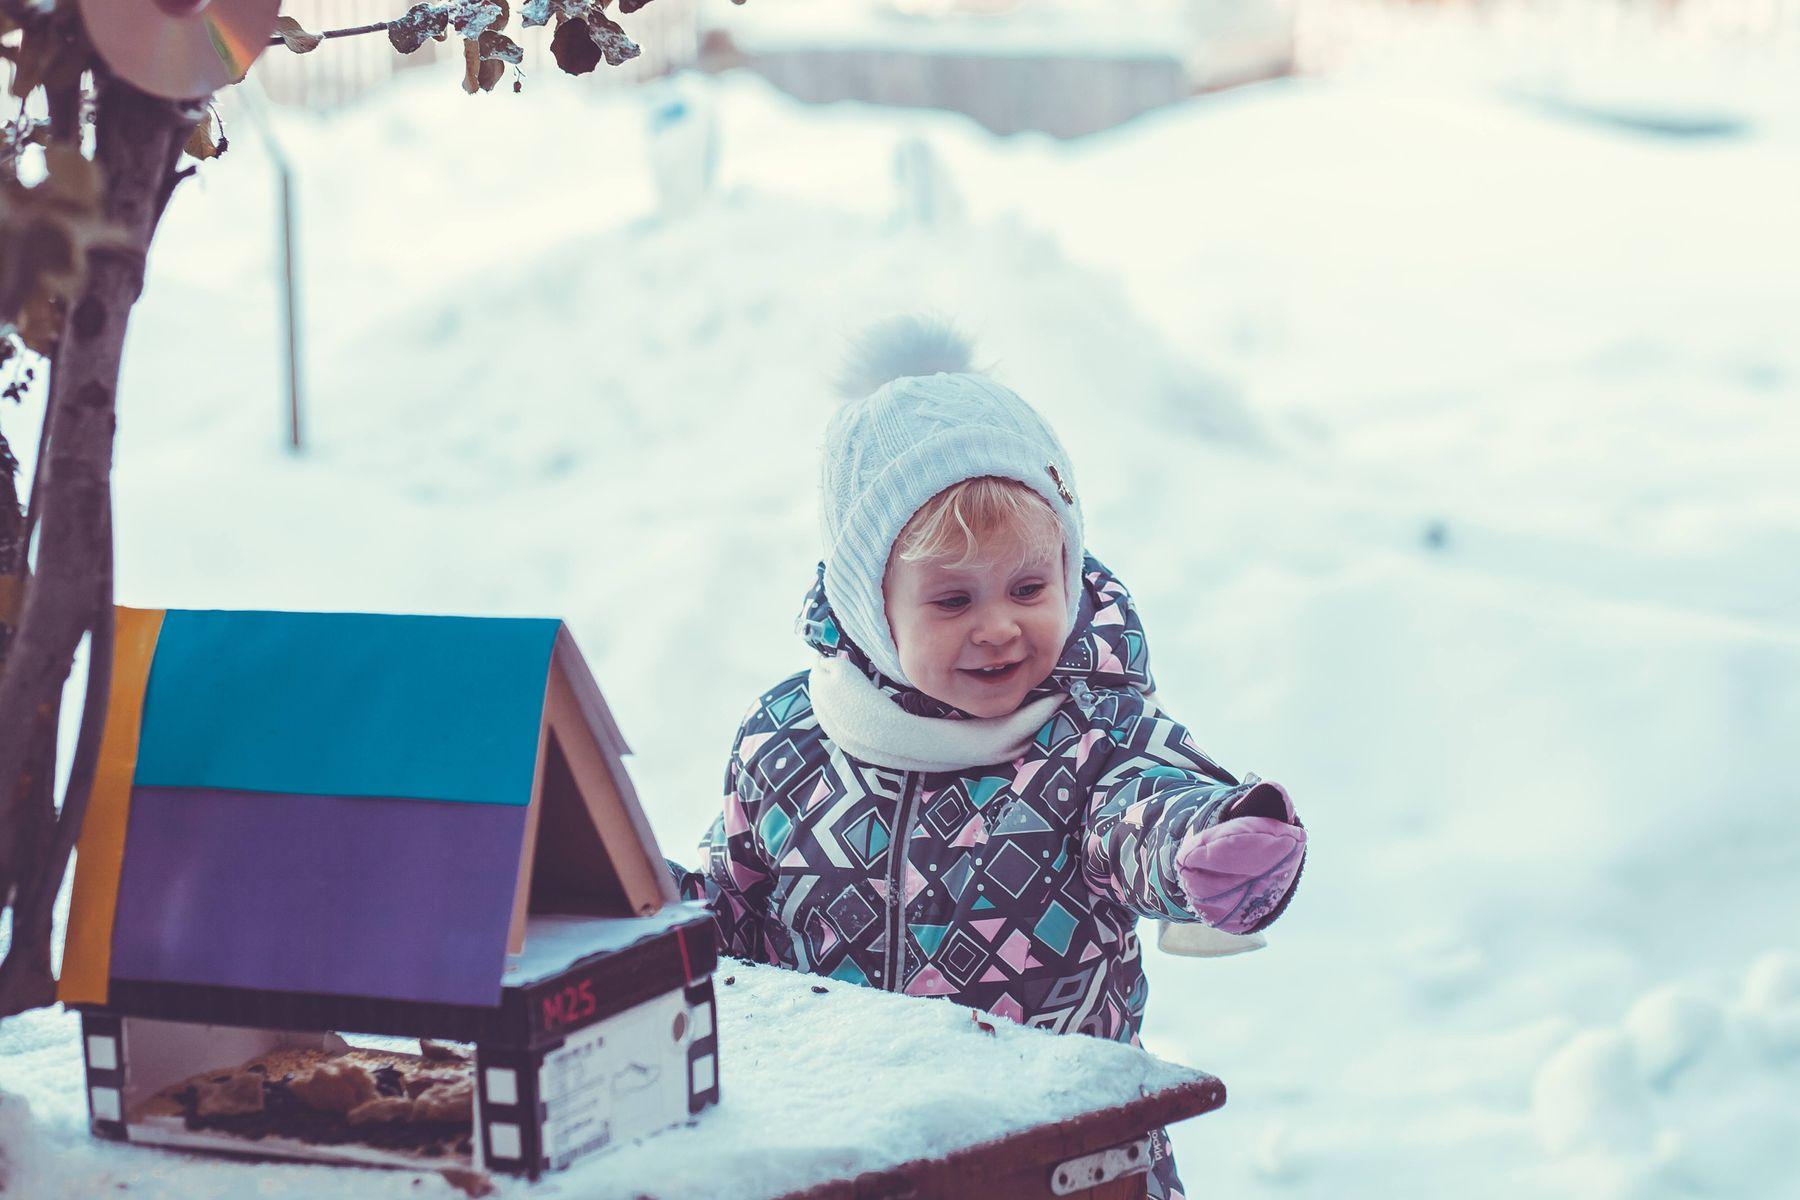 Mùa đông, diện cho bé những trang phục vừa ấm, vừa xinh này mẹ nhé!